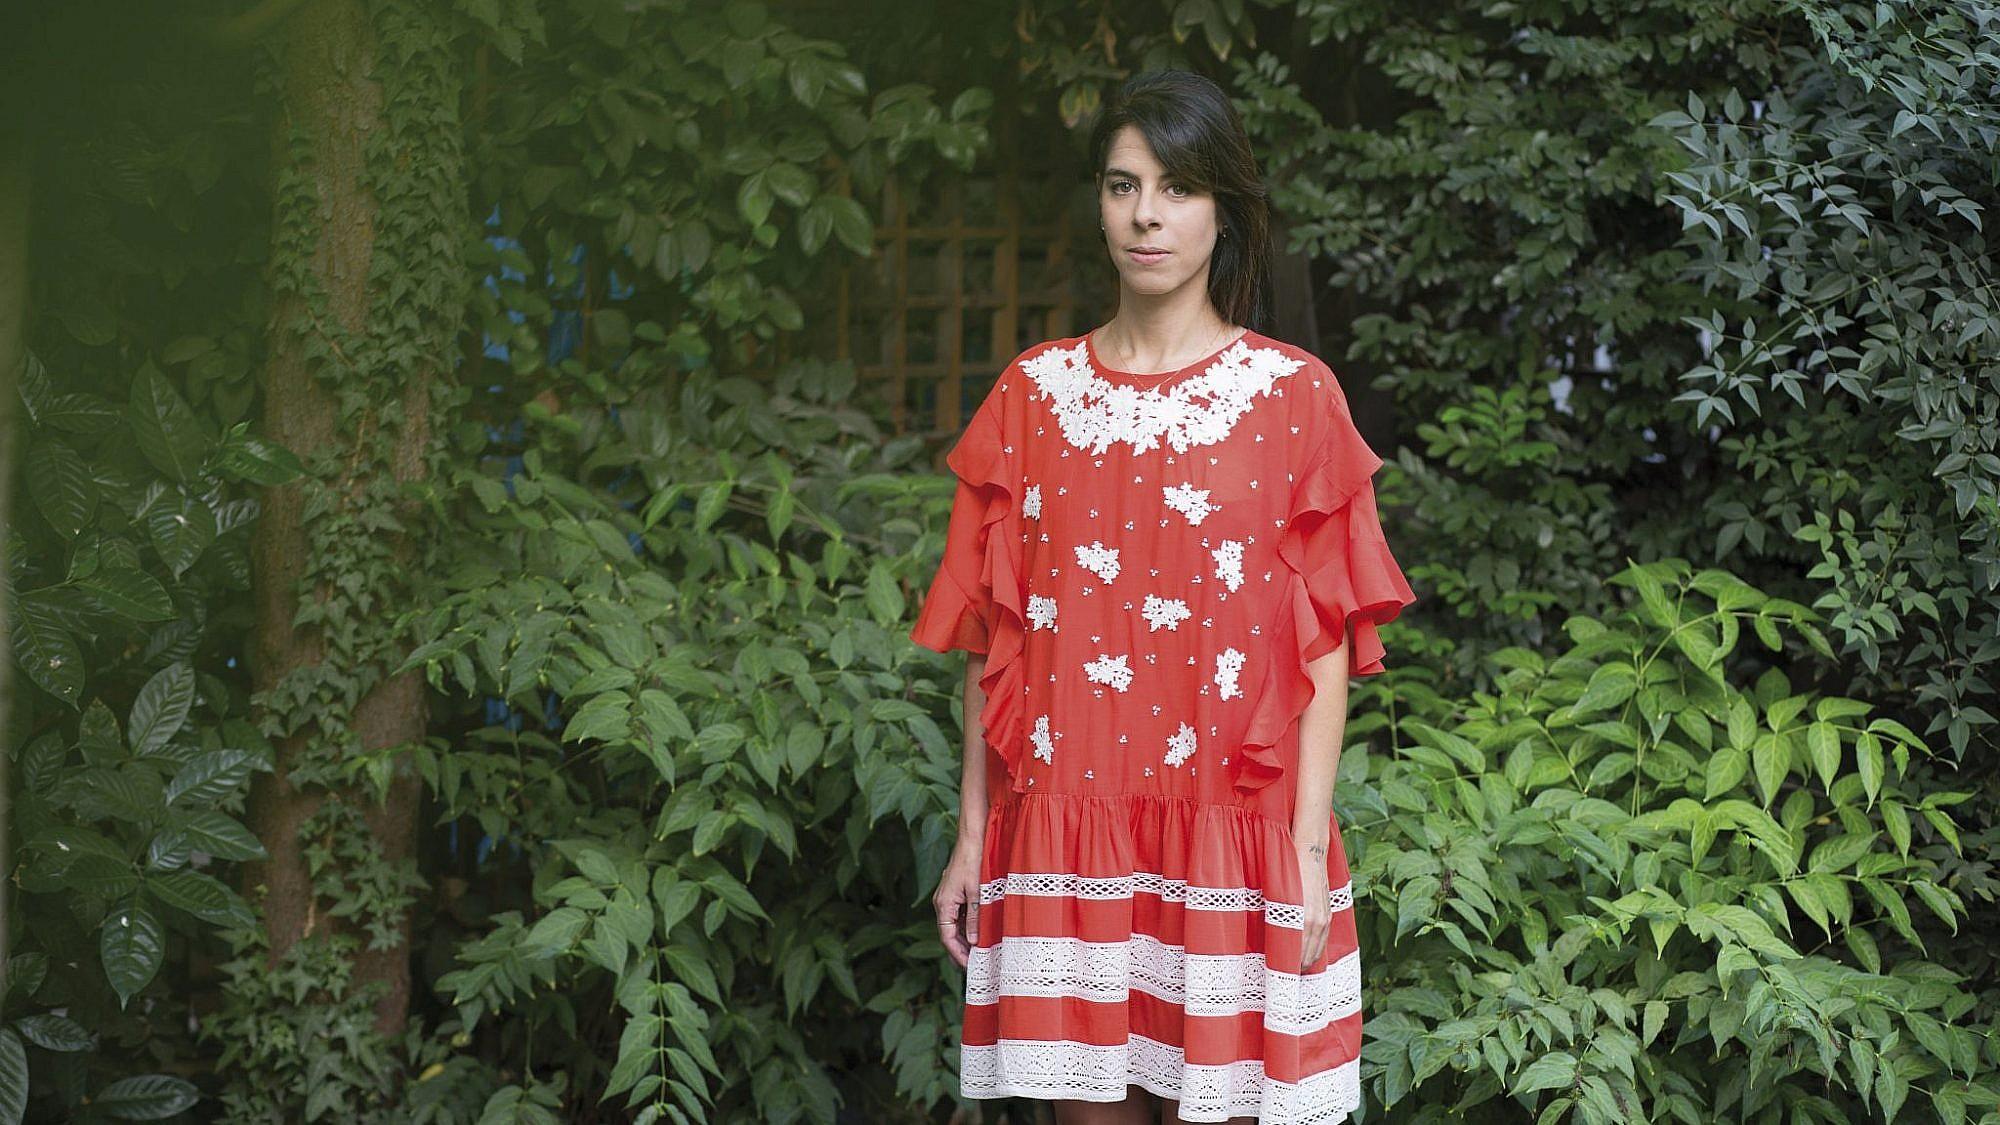 שמלה מאנוש בנומרו 13, עגילים אלדו, שרשרת וטבעת אוסף פרטי | צילום: זהר שטרית | סטיילינג: אלישבע ריוח